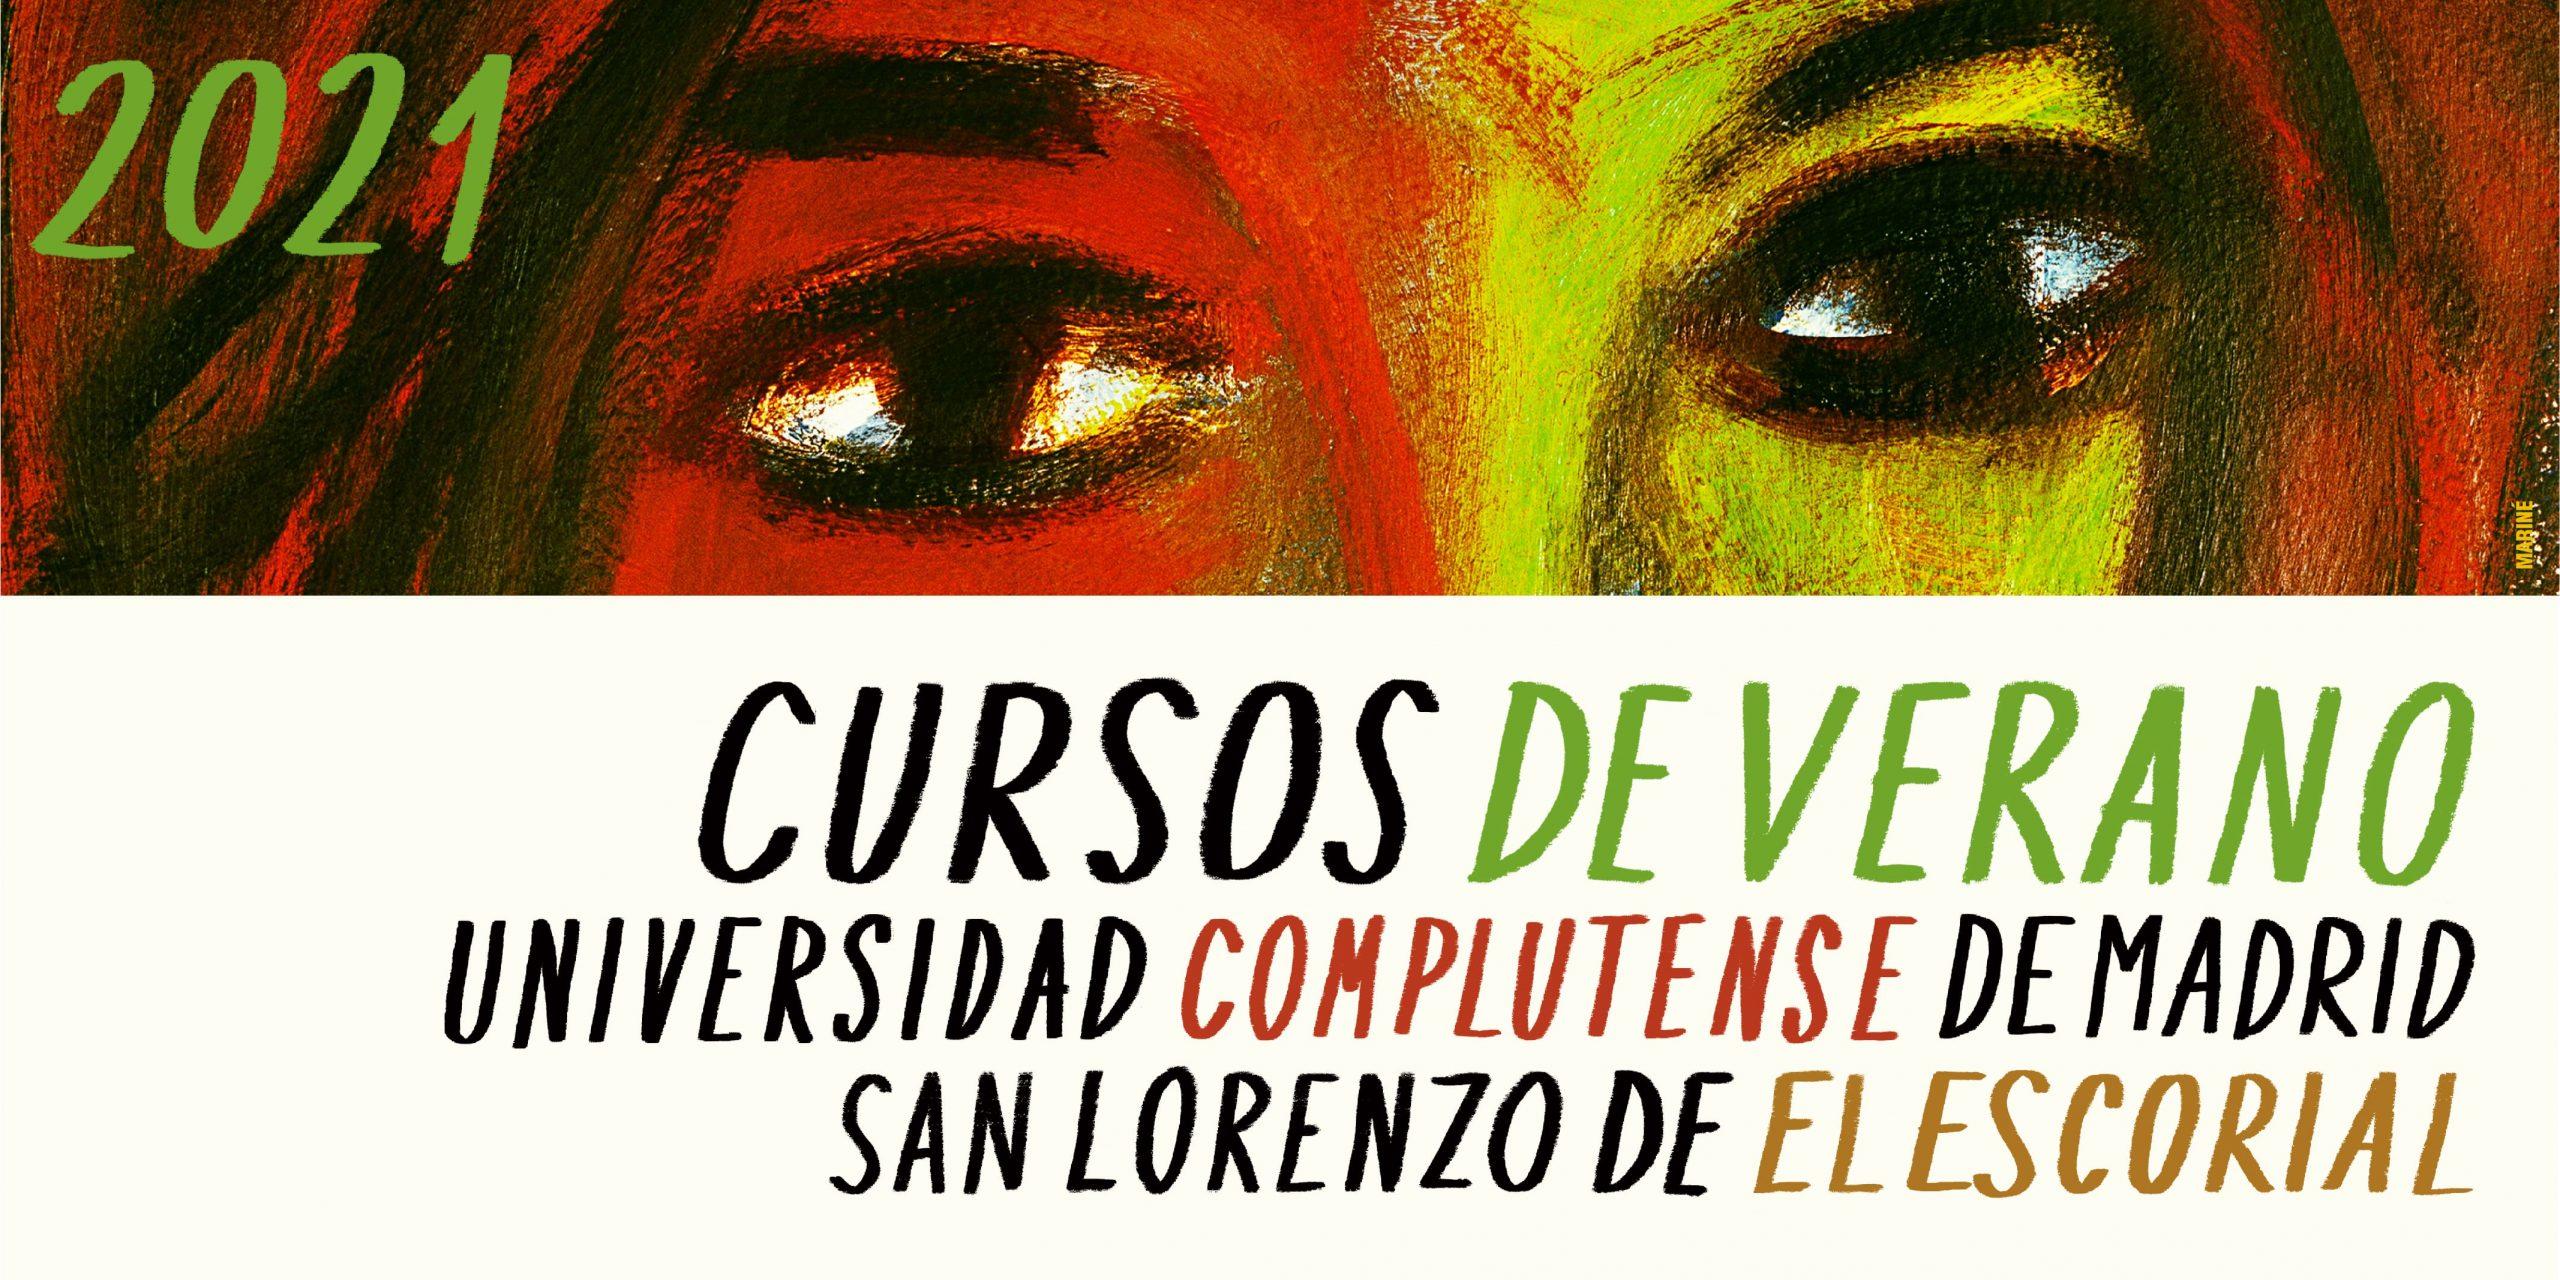 Cartel cursos de verano de San Lorenzo de El Escorial de la UCM